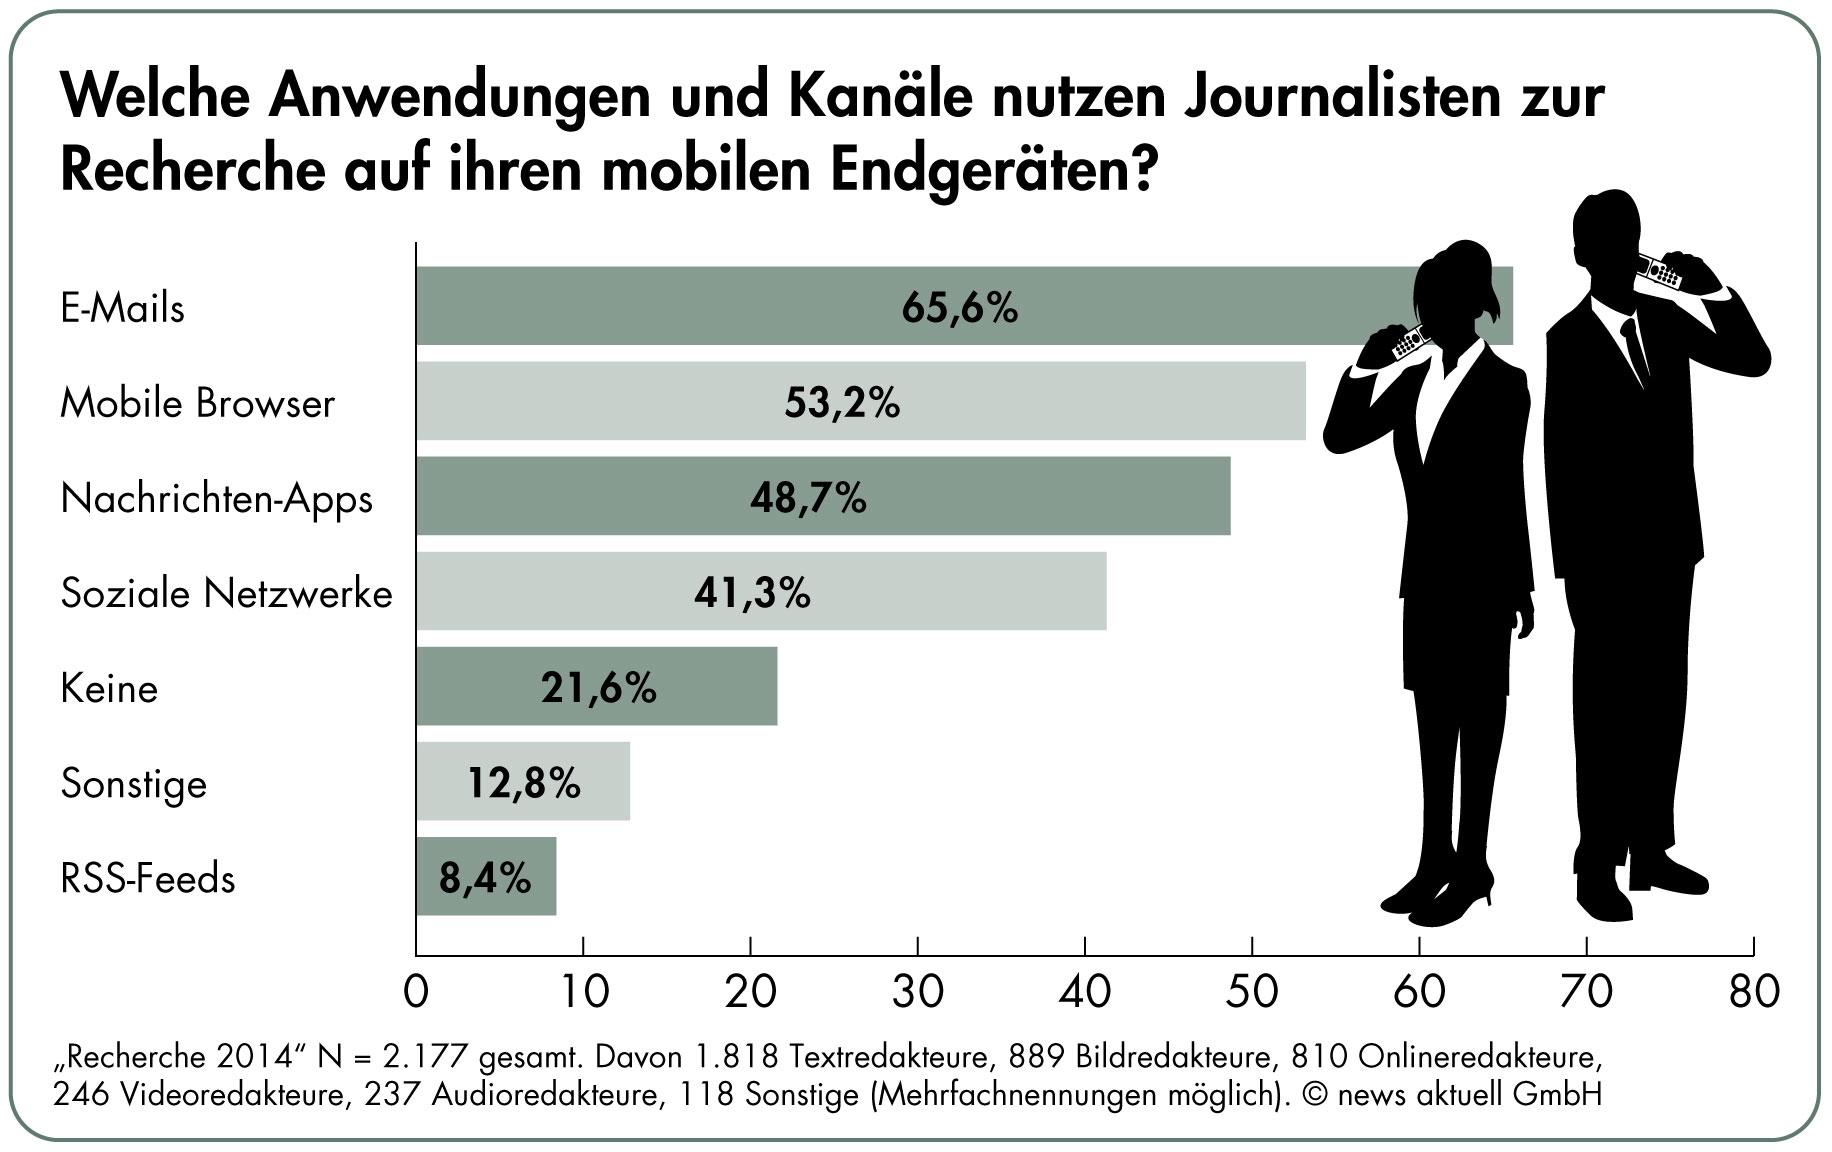 obs/news aktuell GmbH/Kerstin Kriesel